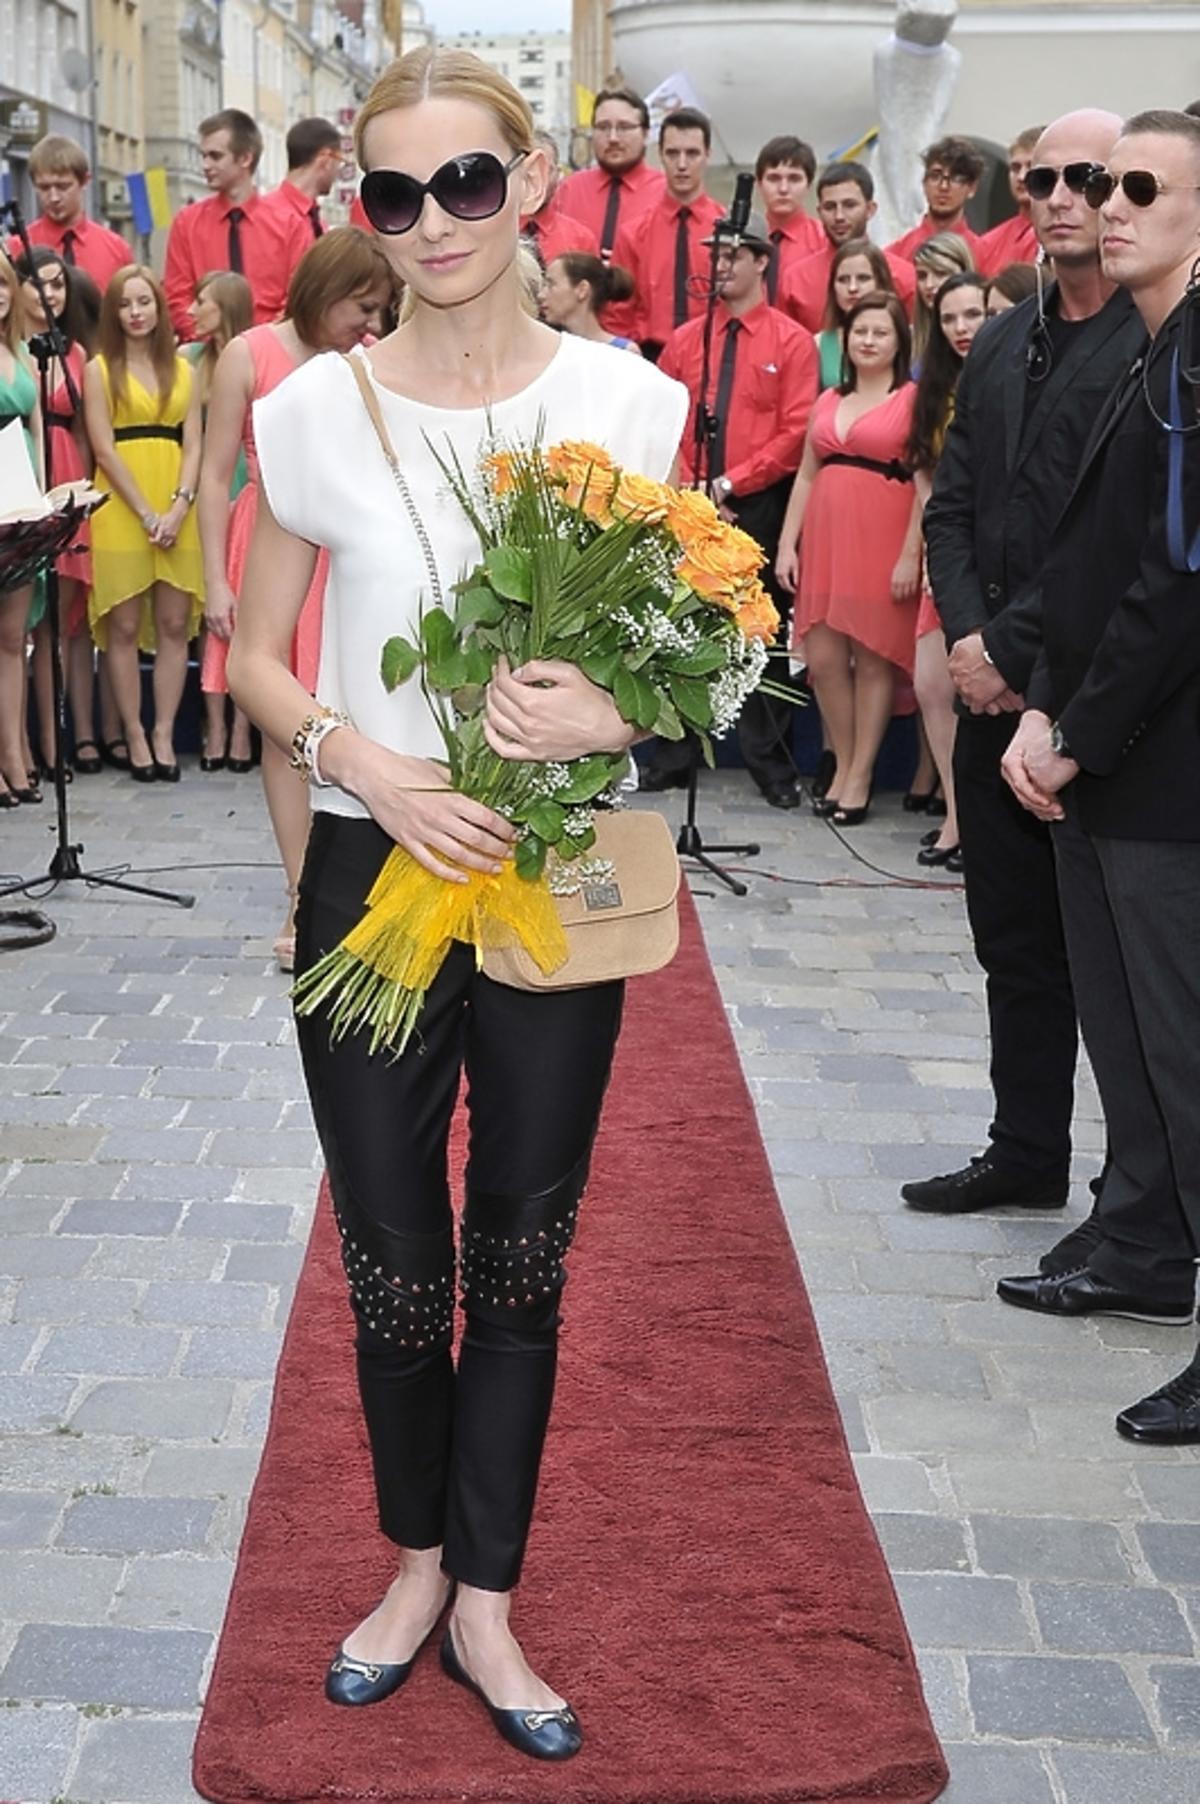 Joanna Moro na Festiwalu w Opolu. Gwiazda Anny German odsłonięta w Opolu. Joanna Moro Anna German Opole